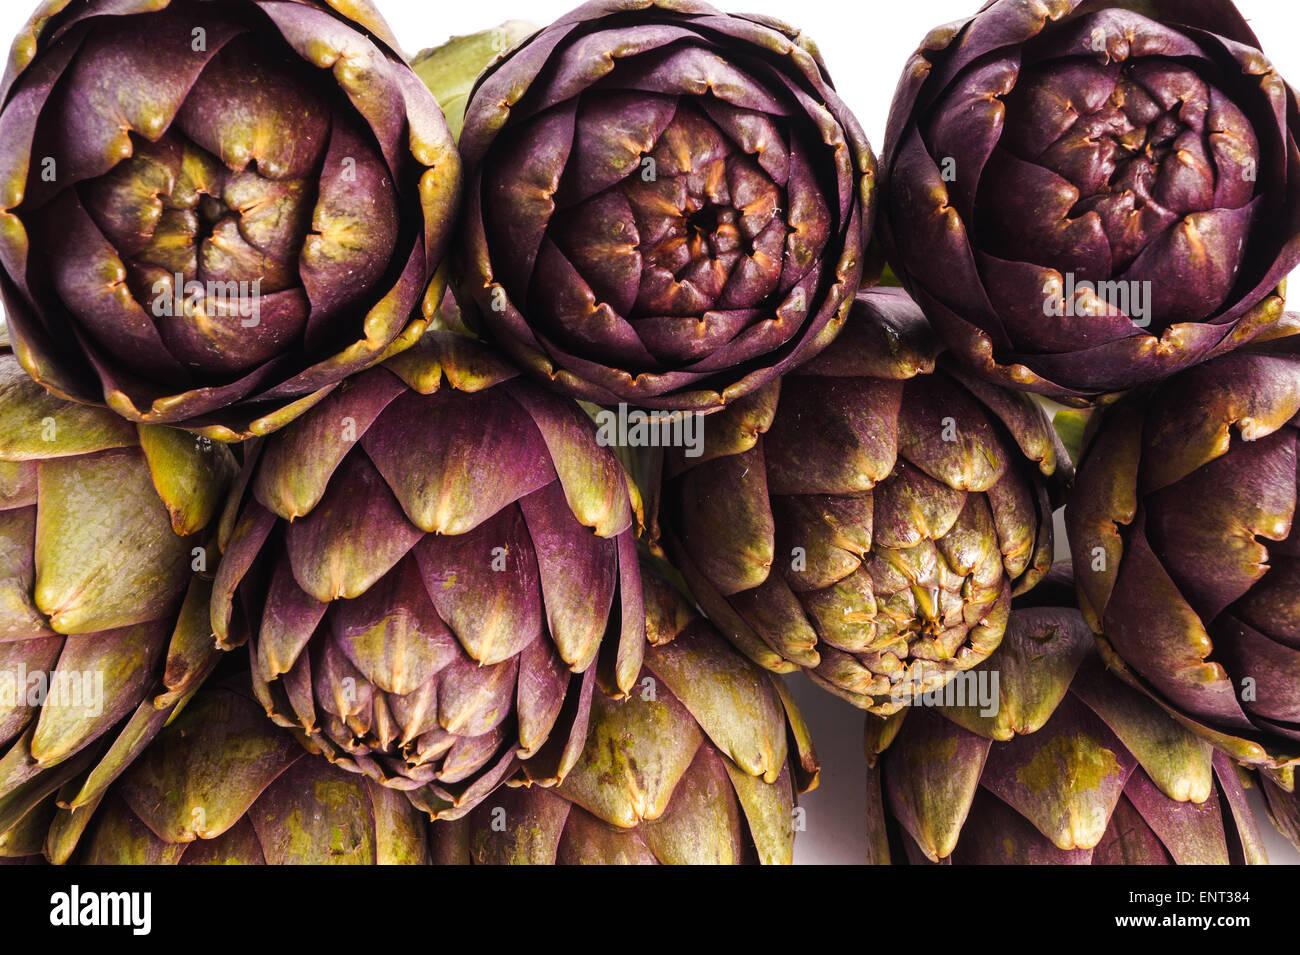 Haufen von lila Artischocken kochbereit, isoliert Stockbild